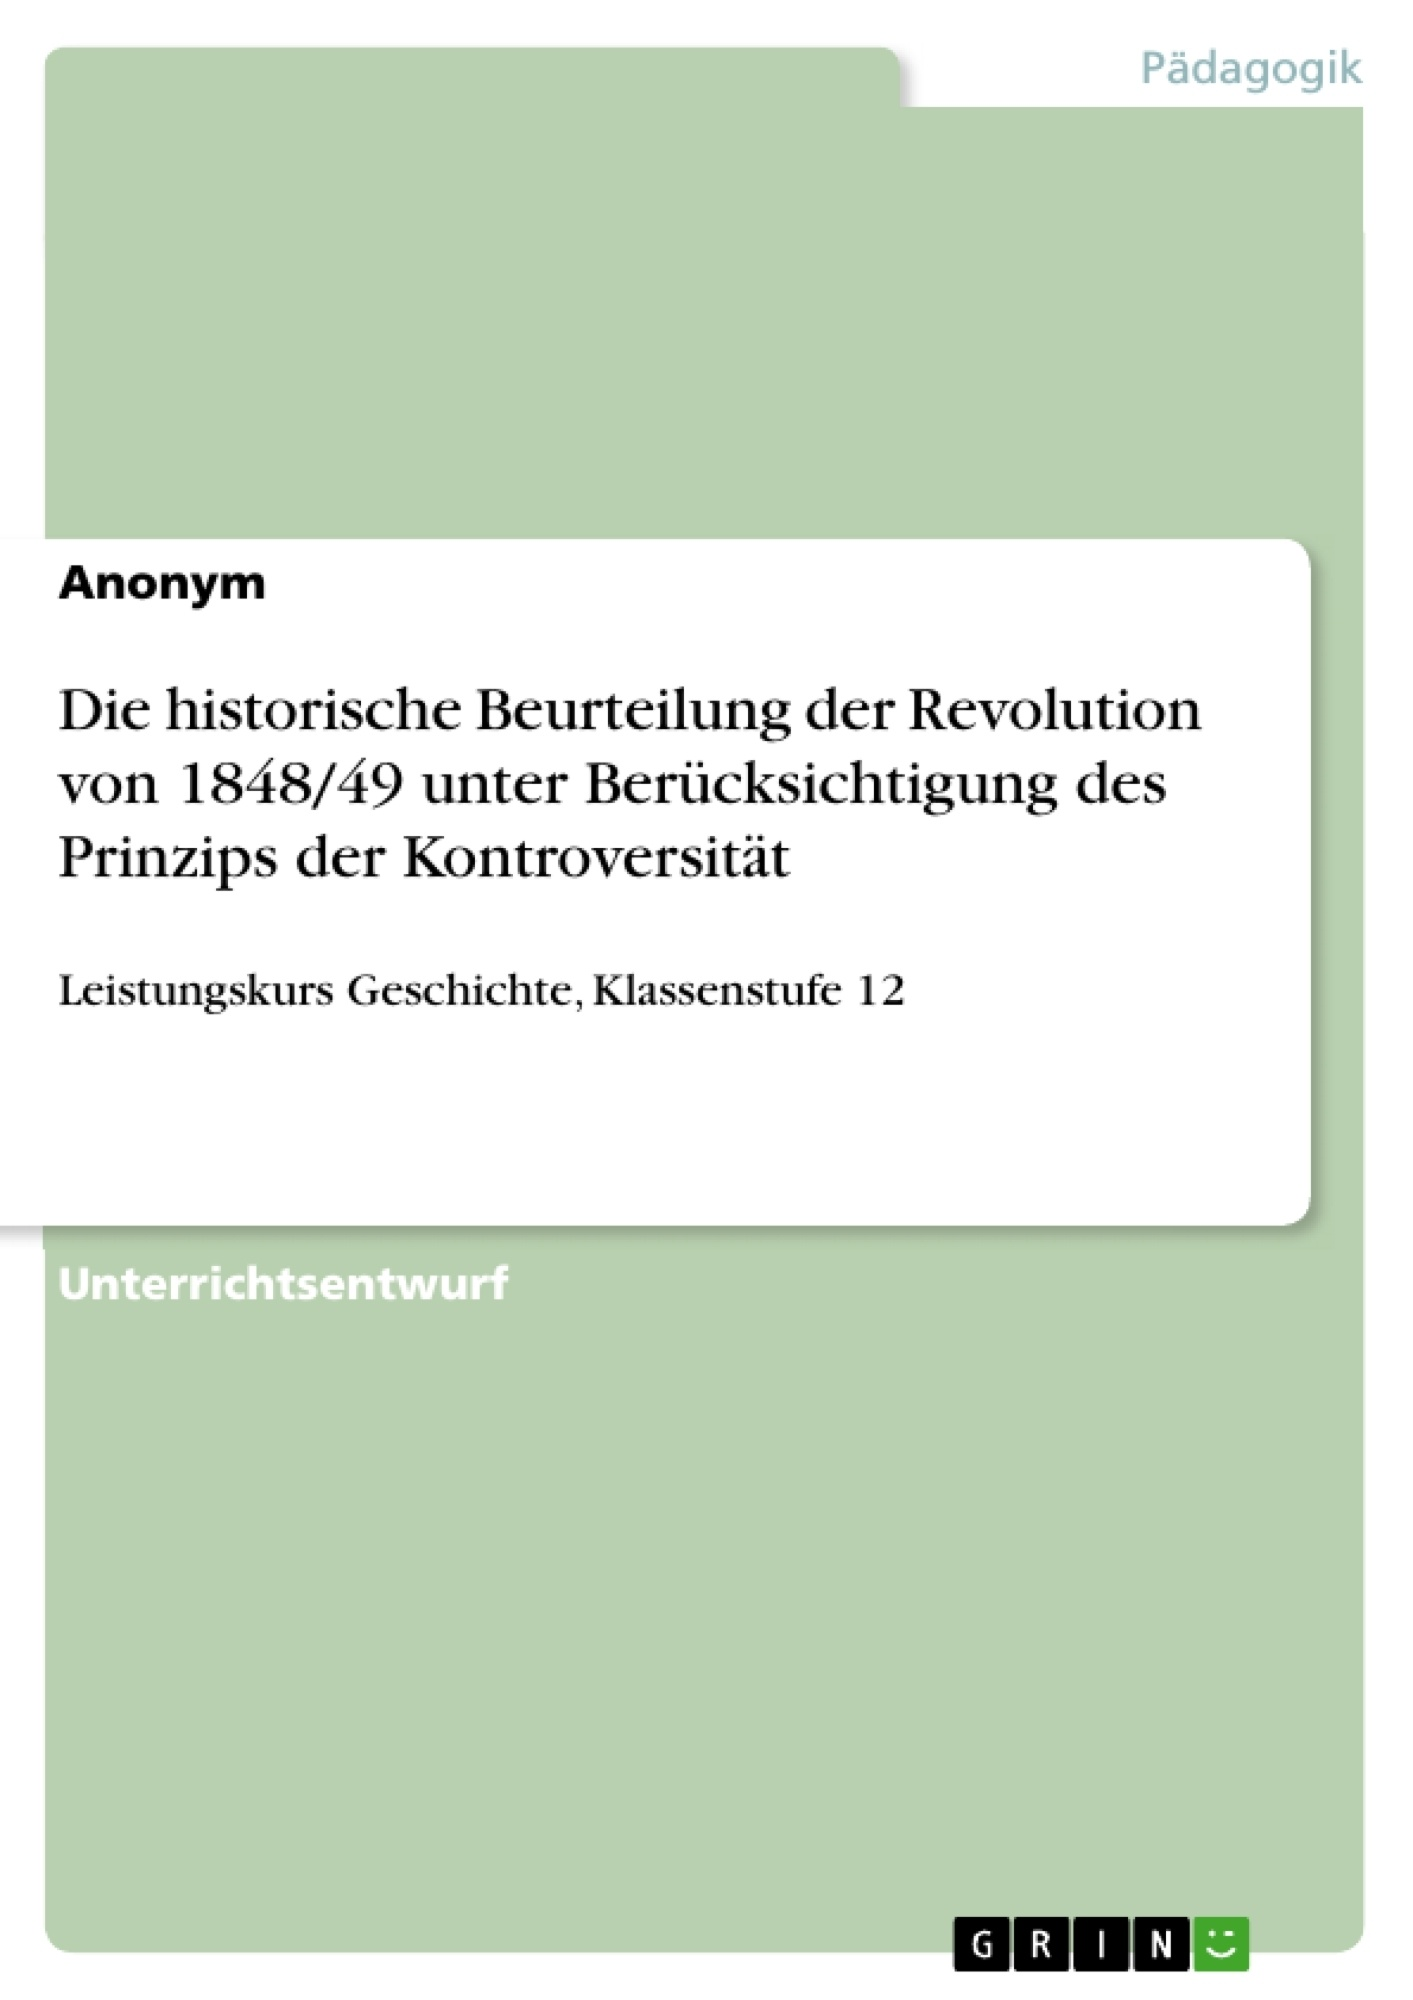 Titel: Die historische Beurteilung der Revolution von 1848/49 unter Berücksichtigung des Prinzips der Kontroversität